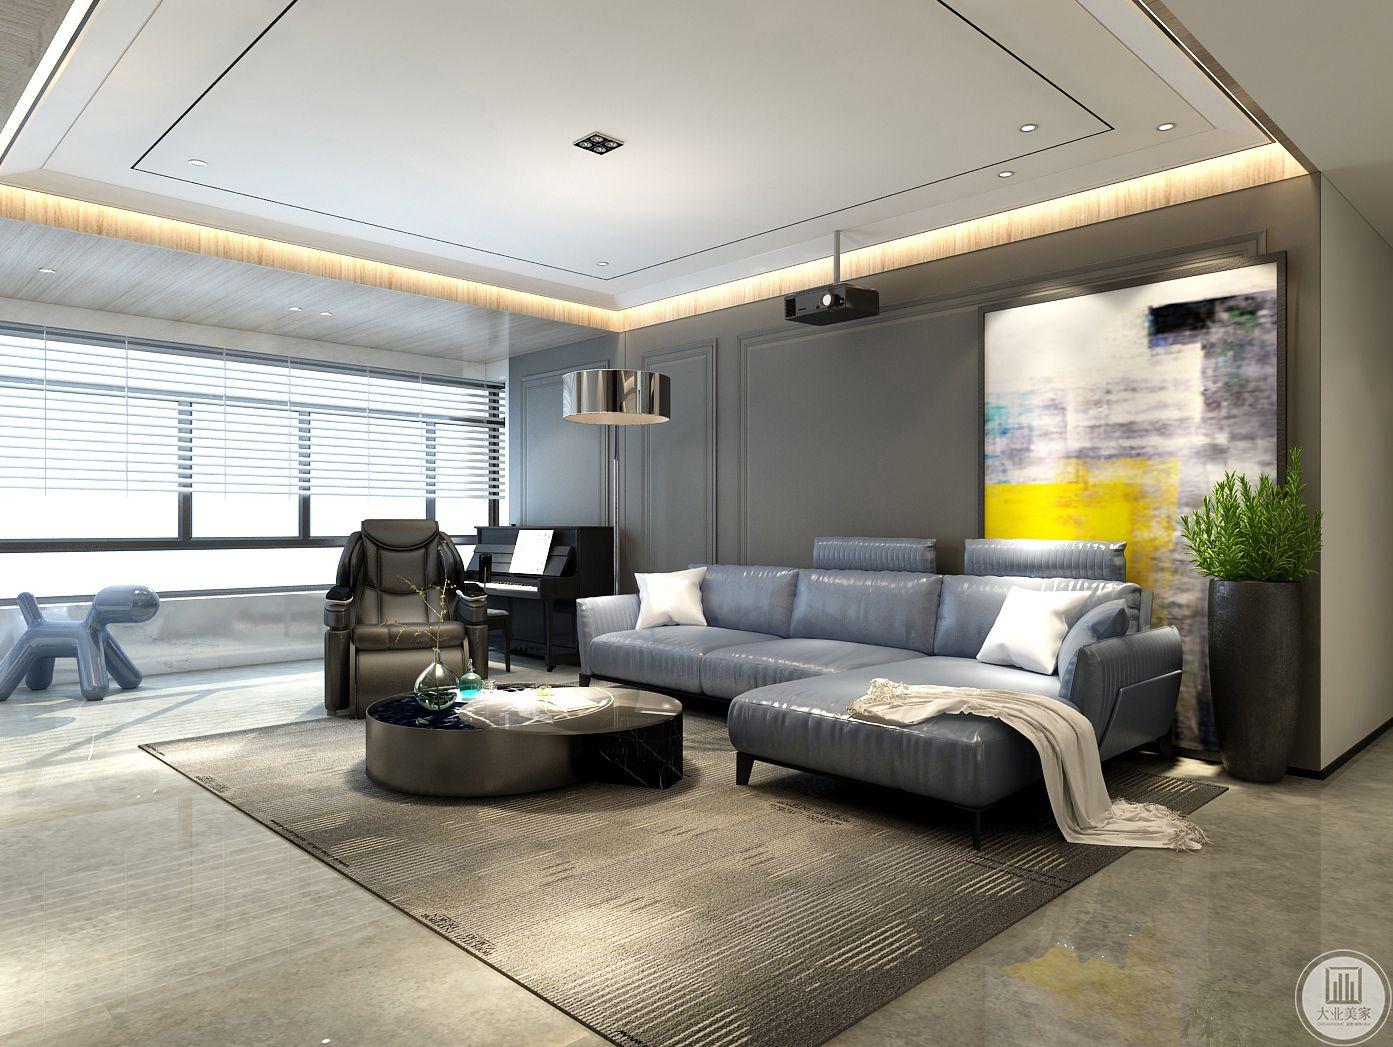 客厅沙发采用真皮沙发,搭配黑色金属茶几,沙发墙采用石膏线装饰画采用现代风格抽象画装饰。